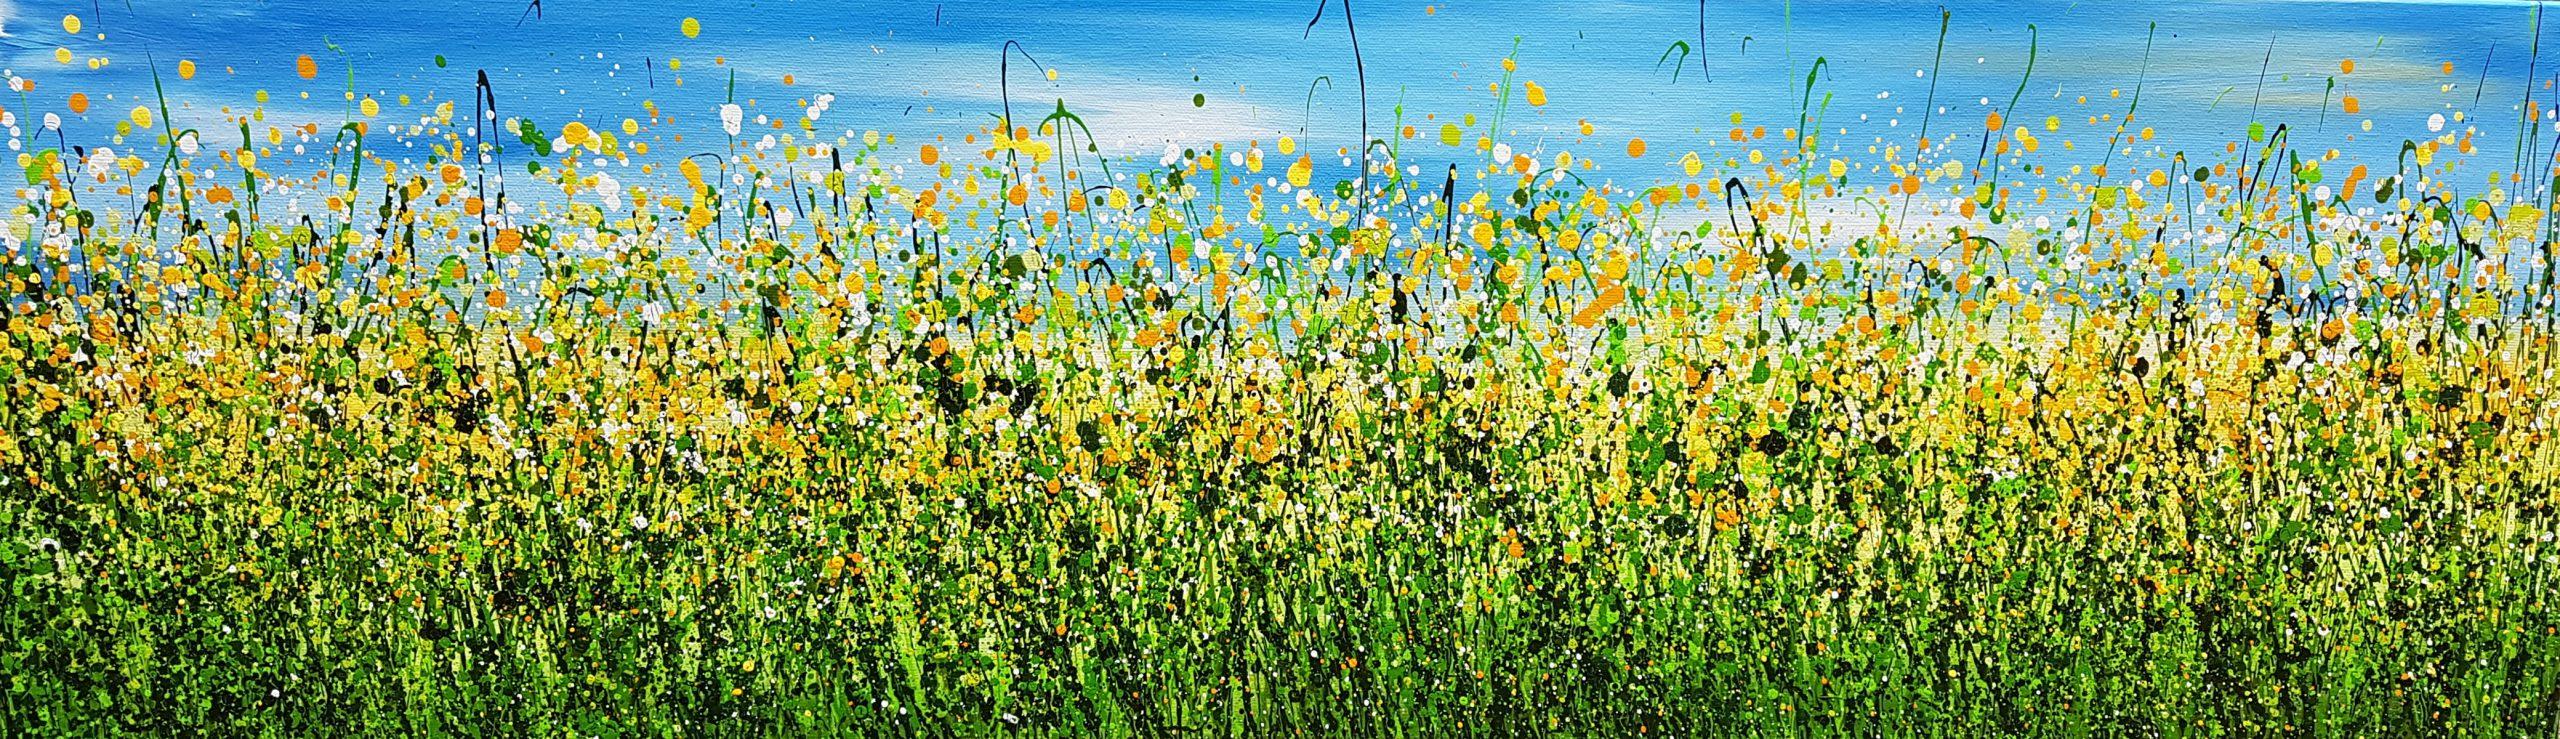 Pollock's Sunshine Splash #3